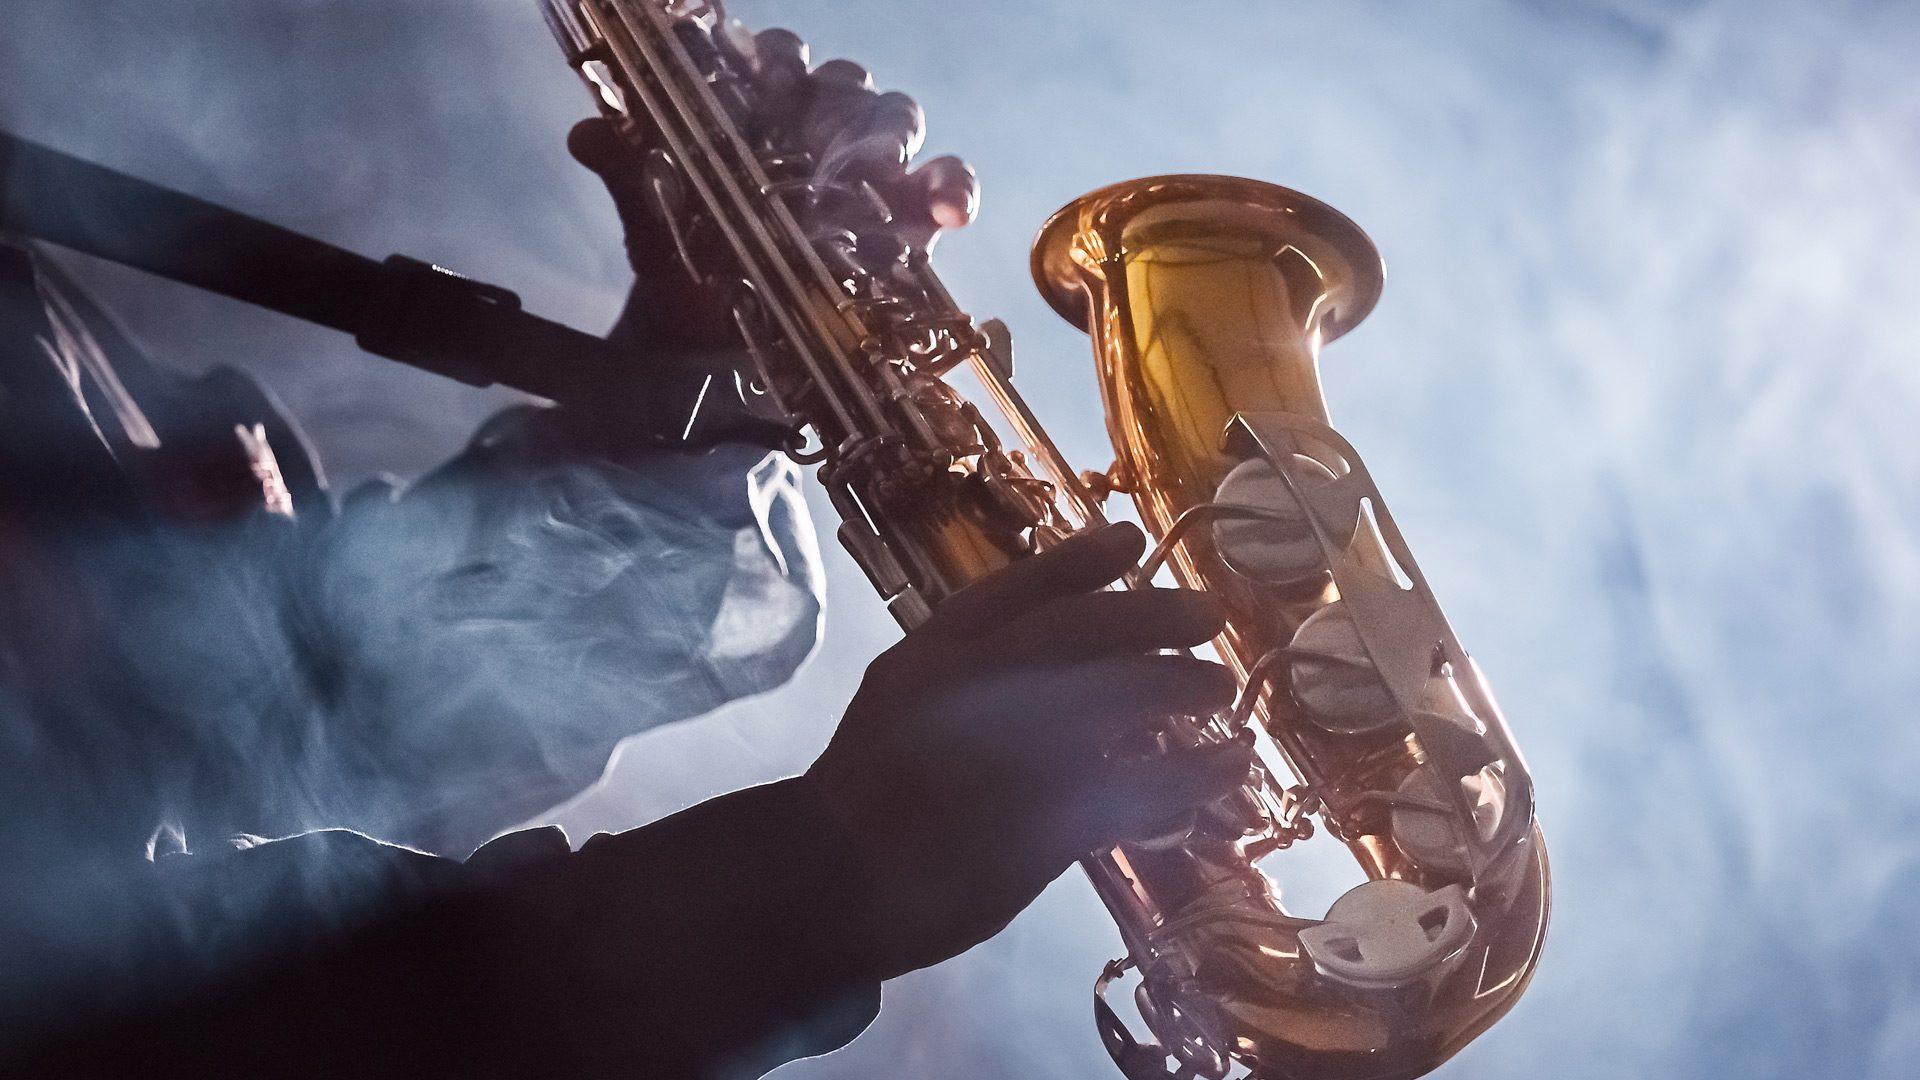 20180921_swam_saxophones-header-1920x1080